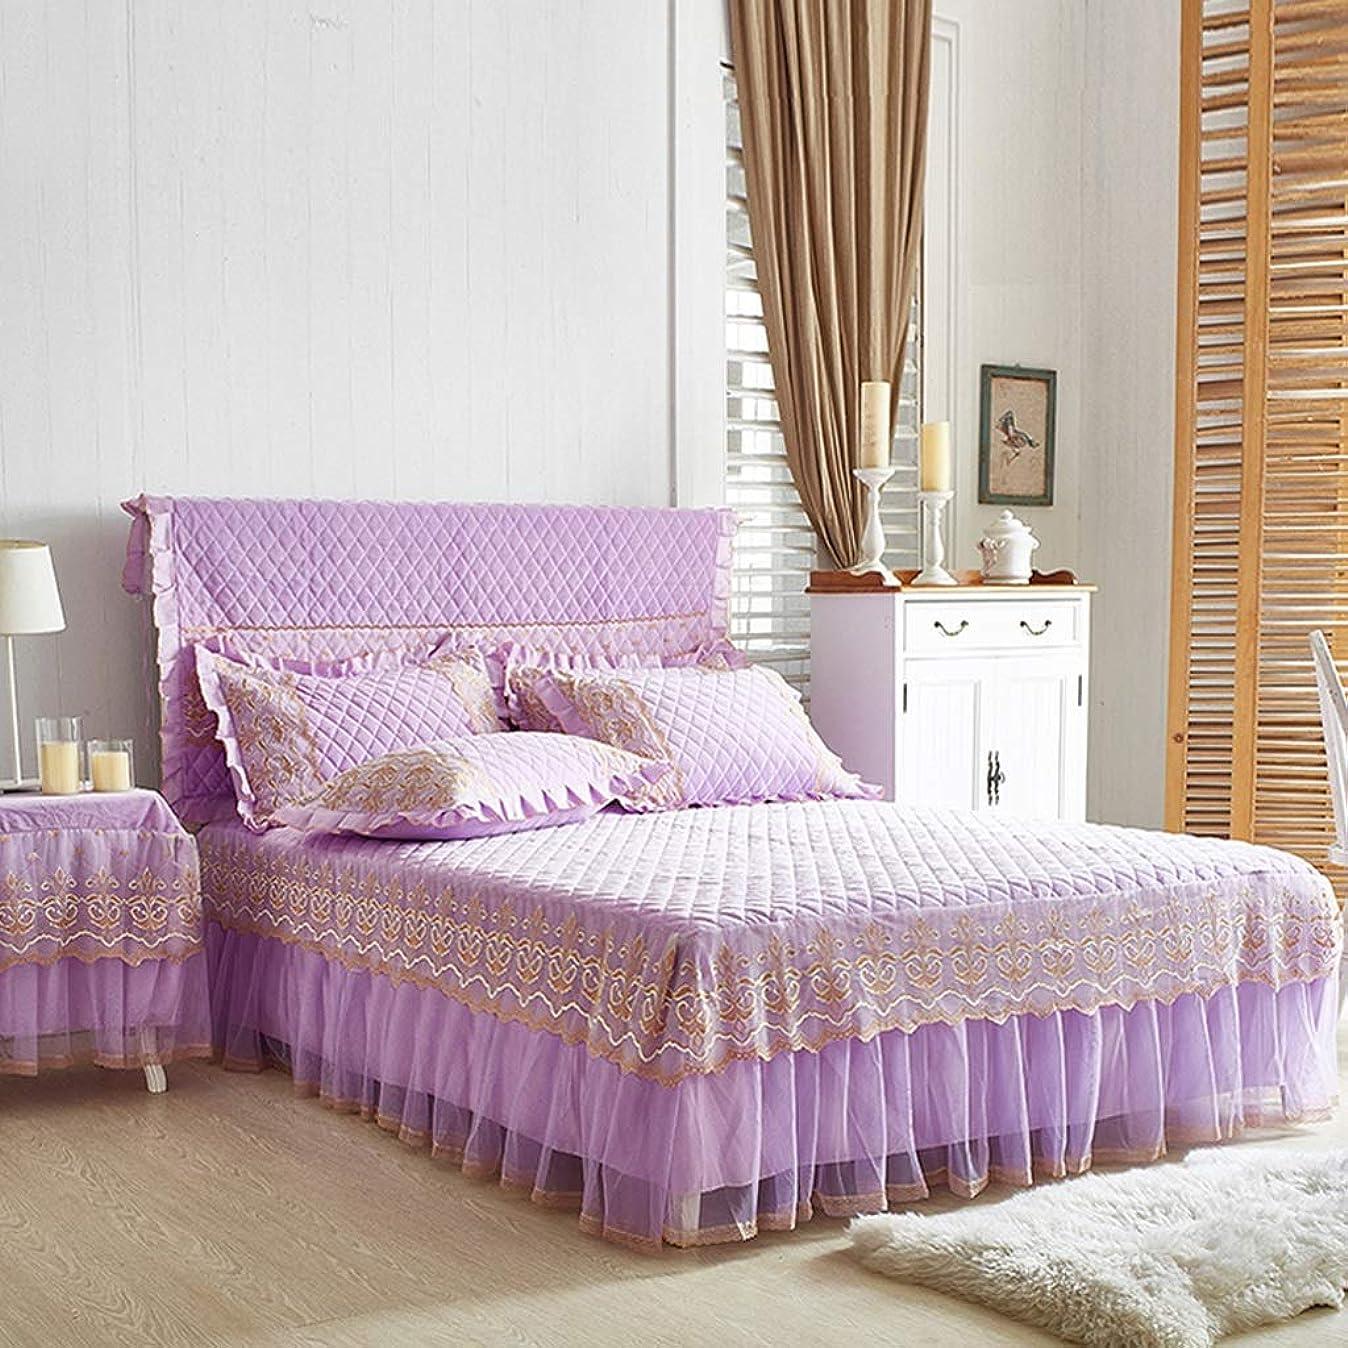 問題危険にさらされている情報高級コットンスエードベッドスカートスーツ機洗える寝具プリーツベッドカバー弾性バンド固定滑り止め保護ケース - ほこり (色 : B purple, サイズ さいず : 200cmx220cm+pillowcases)